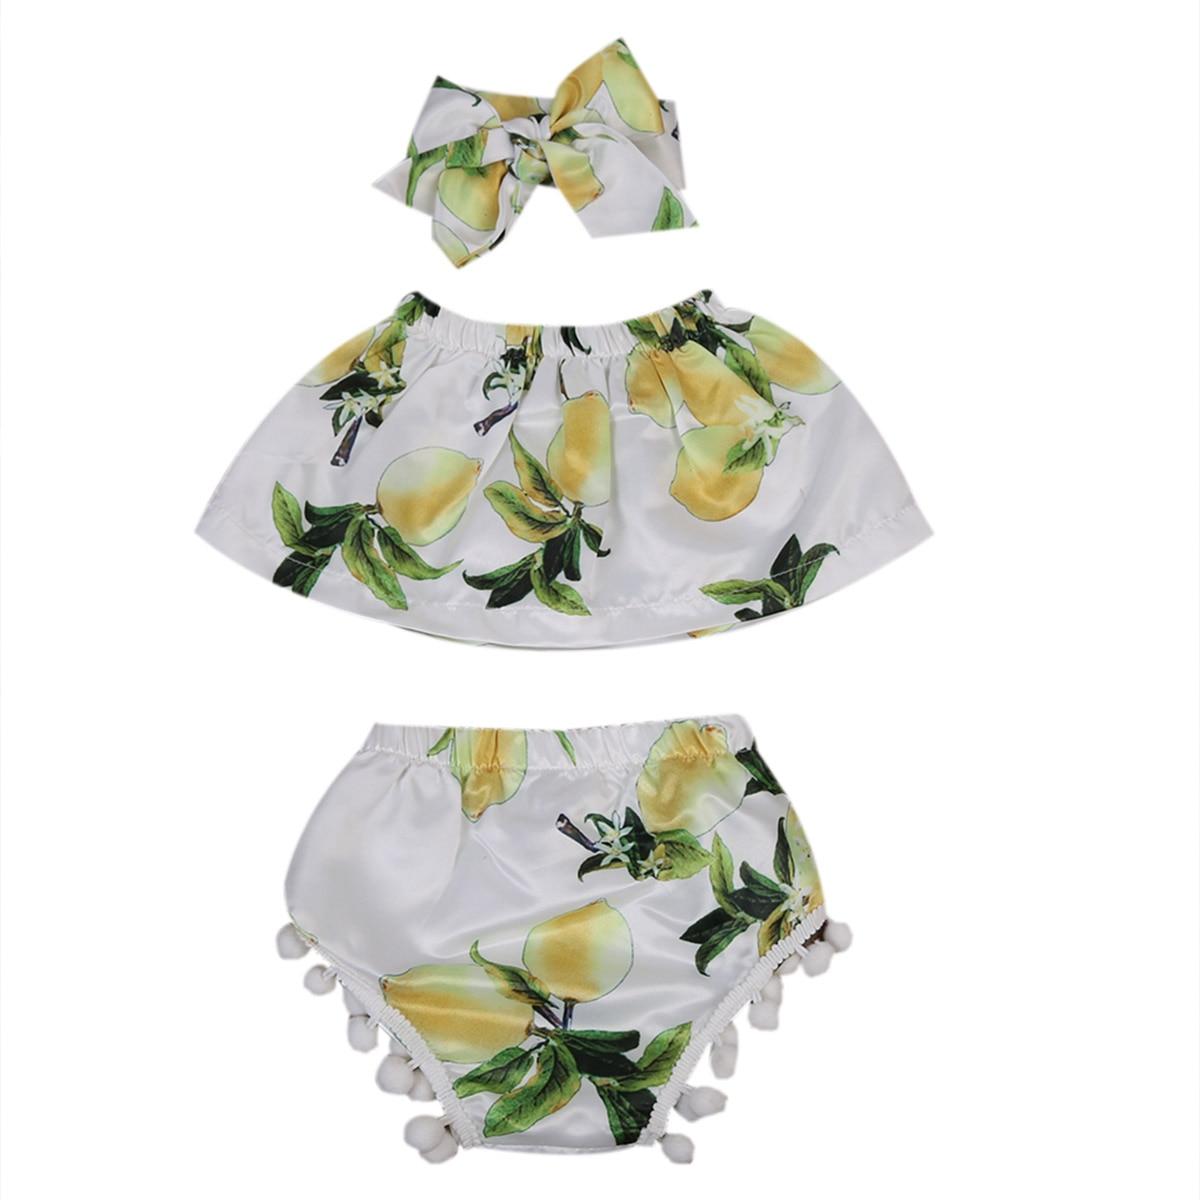 Новорожденных Одежда для маленьких девочек зеленый лимон наряды одежда Топы + шорты; штаны Костюмы комплект 3 шт. комплект От 0 до 2 лет